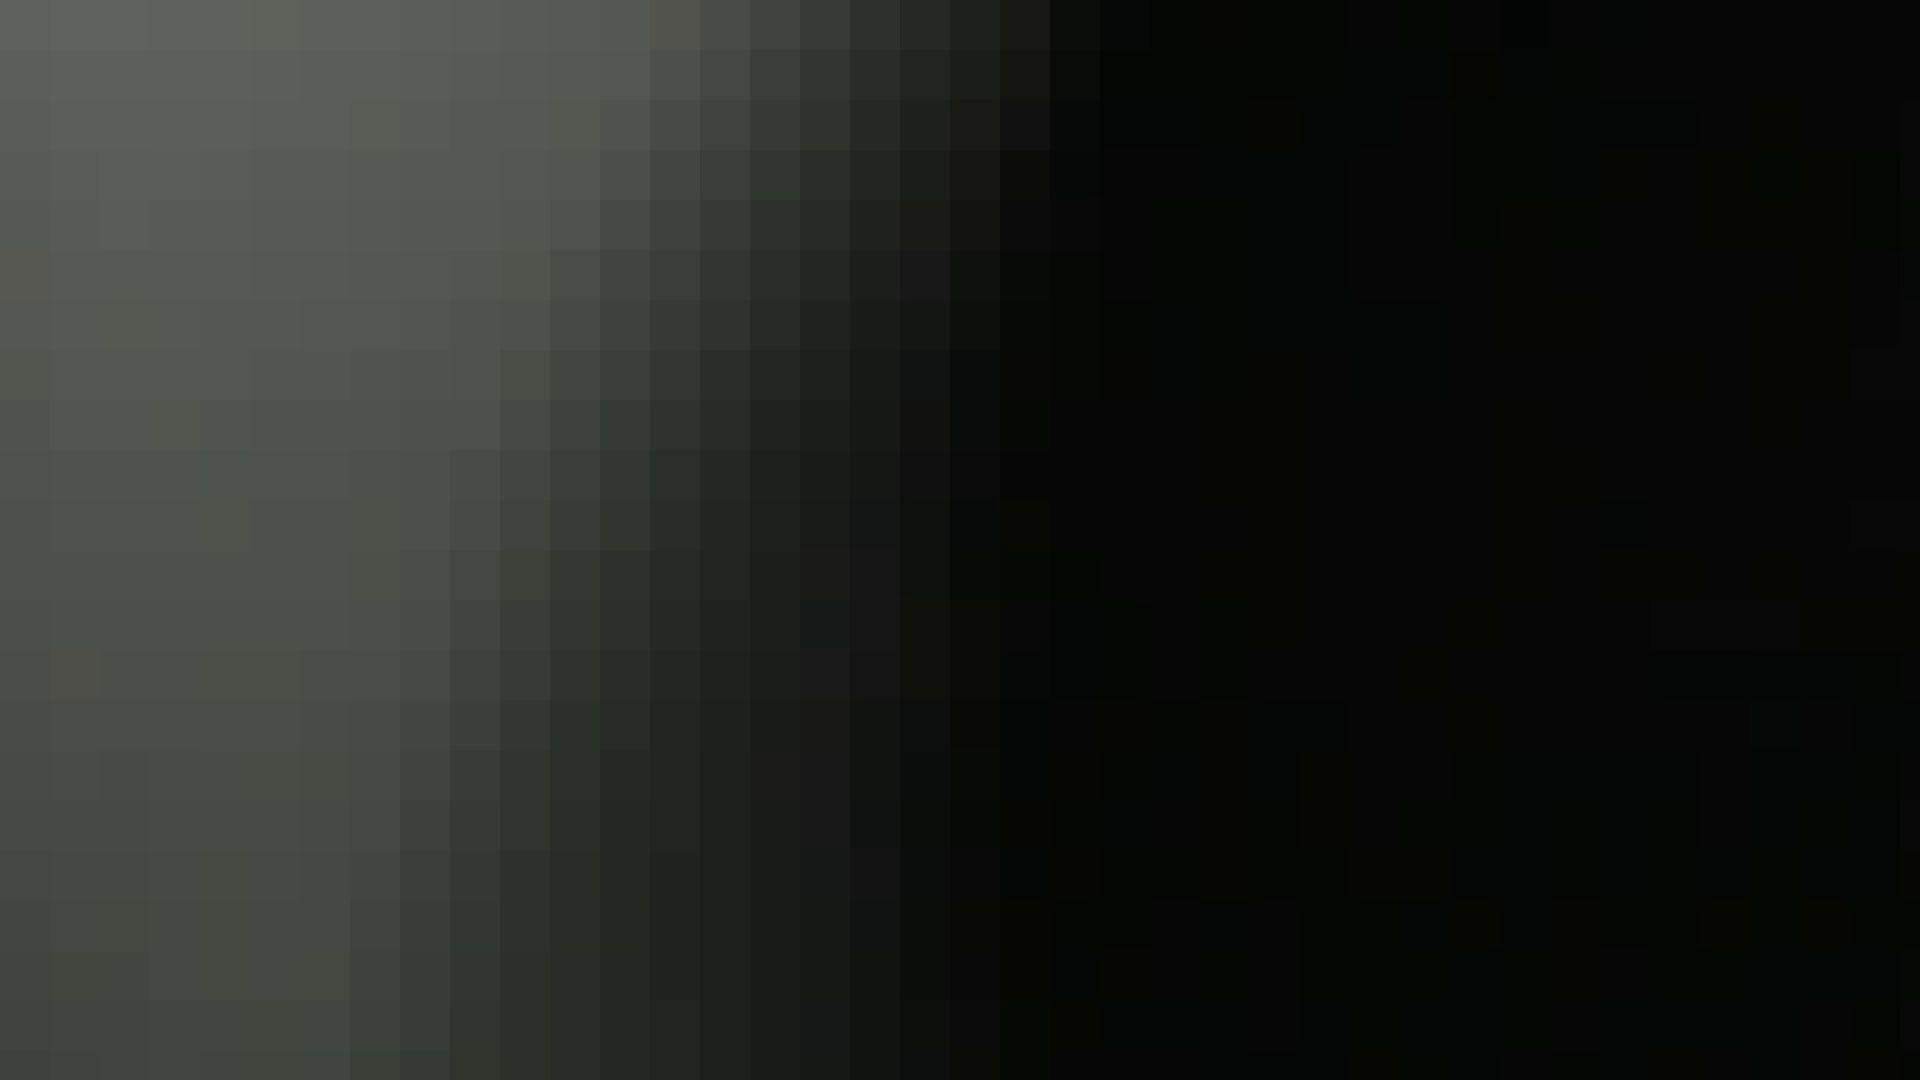 【日本成人用品展览会。超模如云】vol.01 着替 空爆 OLの実態  100pic 51